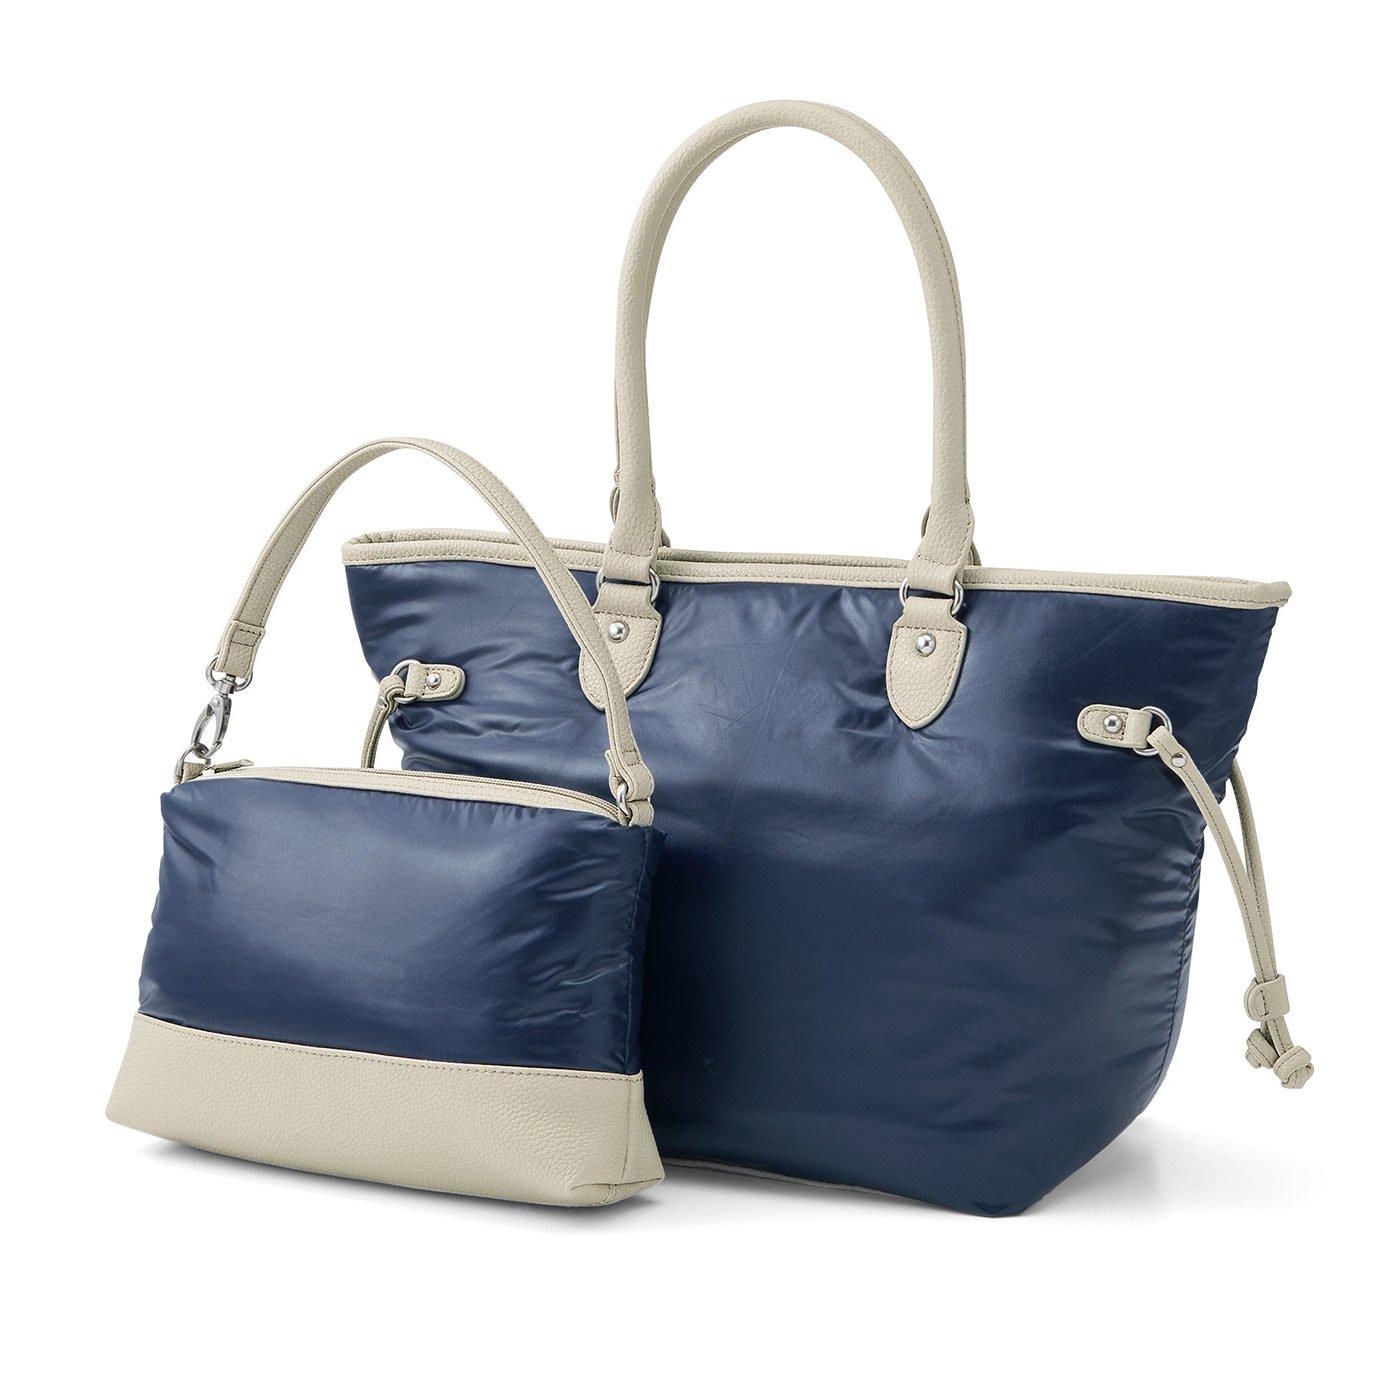 ミニバッグ付きだから使い方広がる 大人女子のためのすっきりトートバッグ